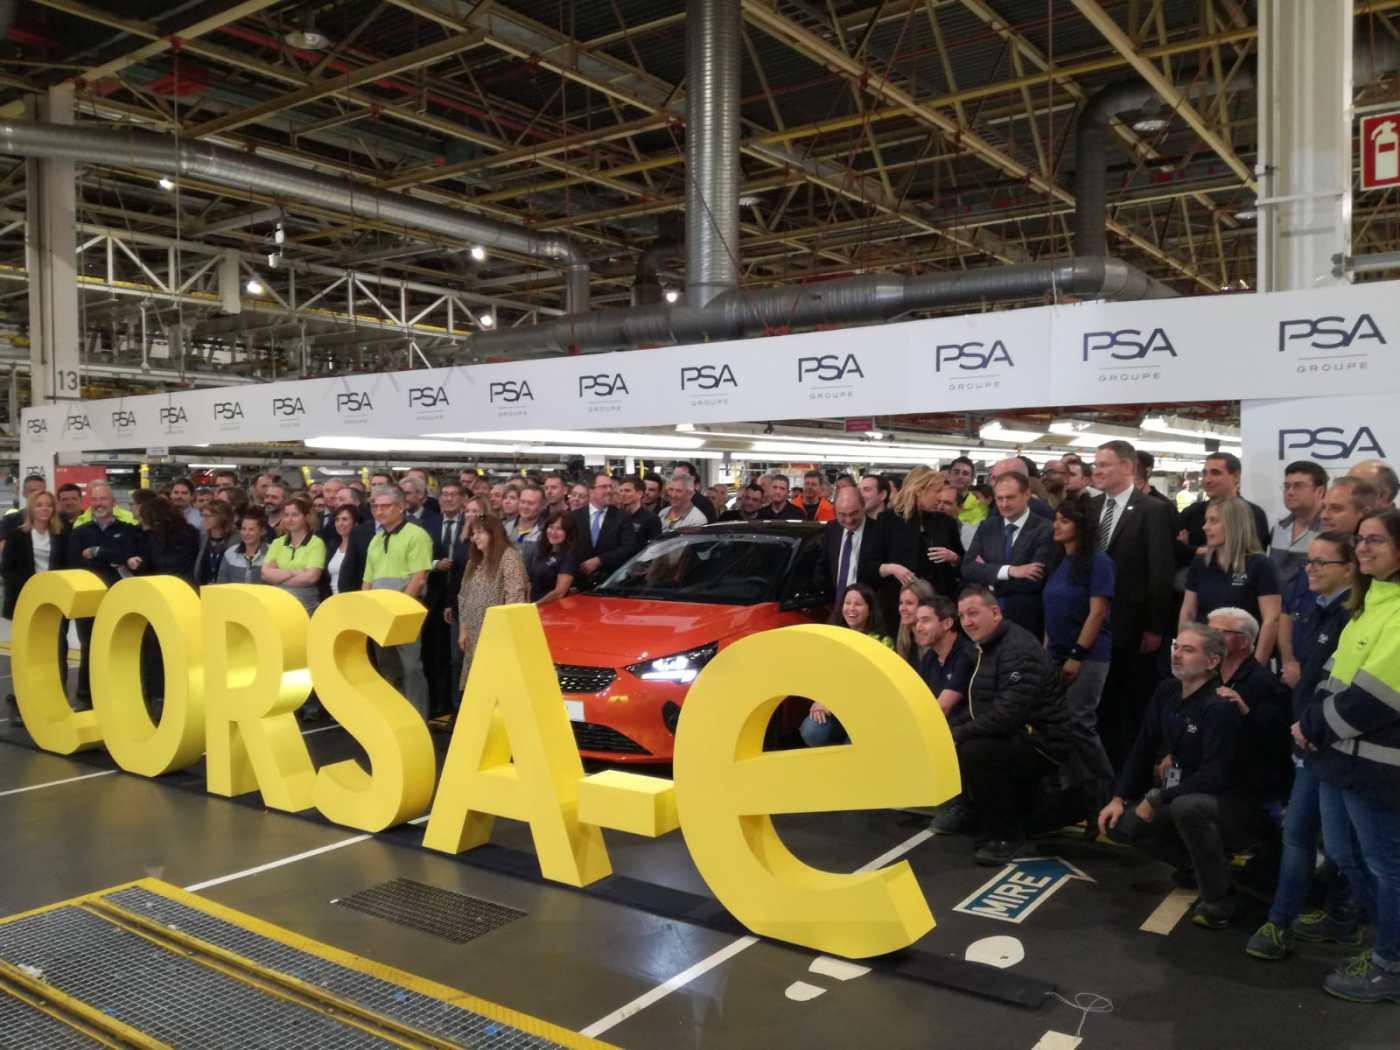 Opel Corsa-e en PSA Figueruelas